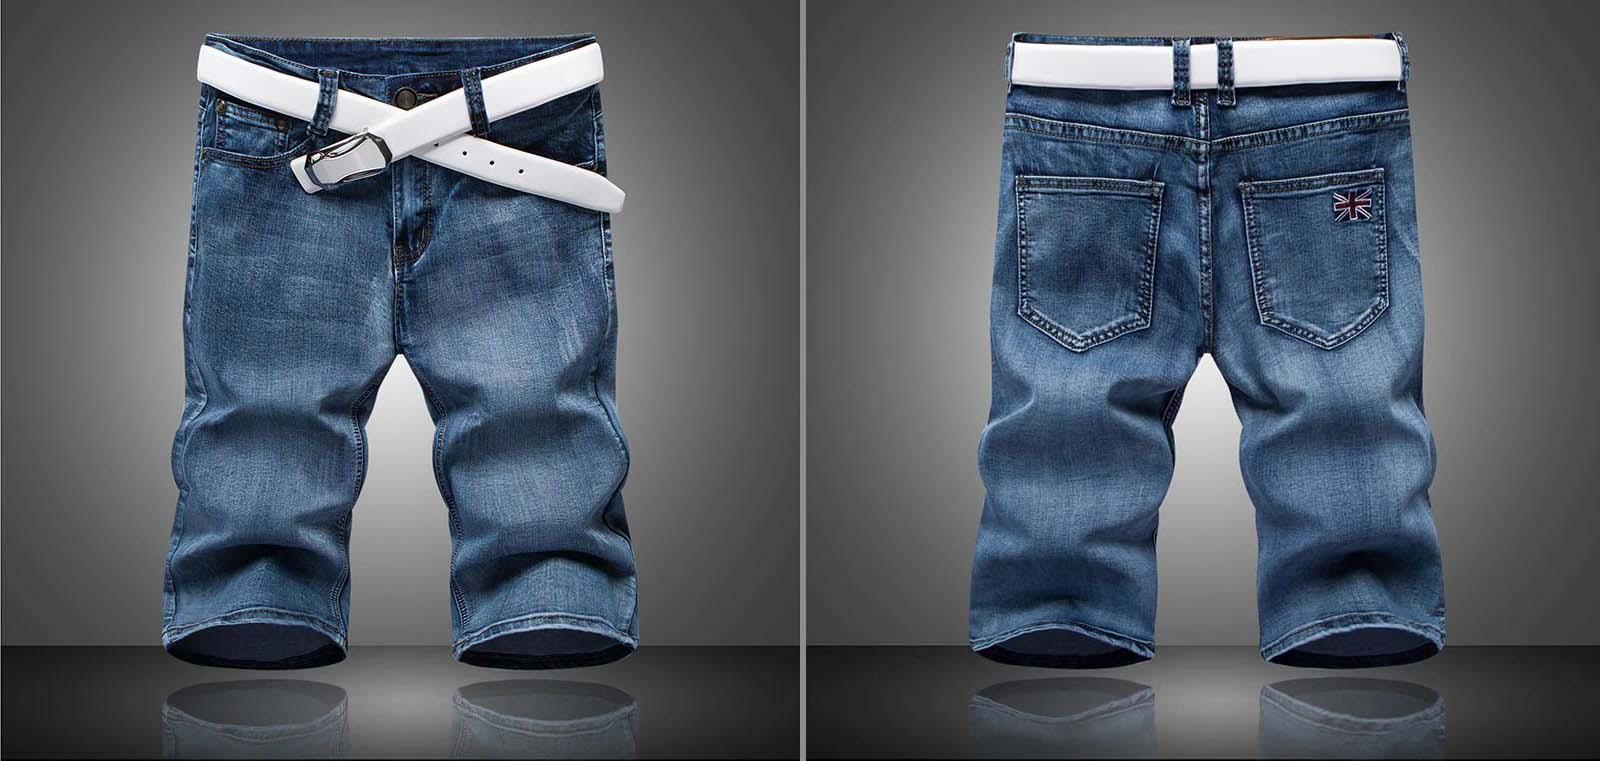 Một mẫu quần short jeans hàng chợ! Khách gửi mẫu cho DOSI  yêu cầu may gia công theo mẫu